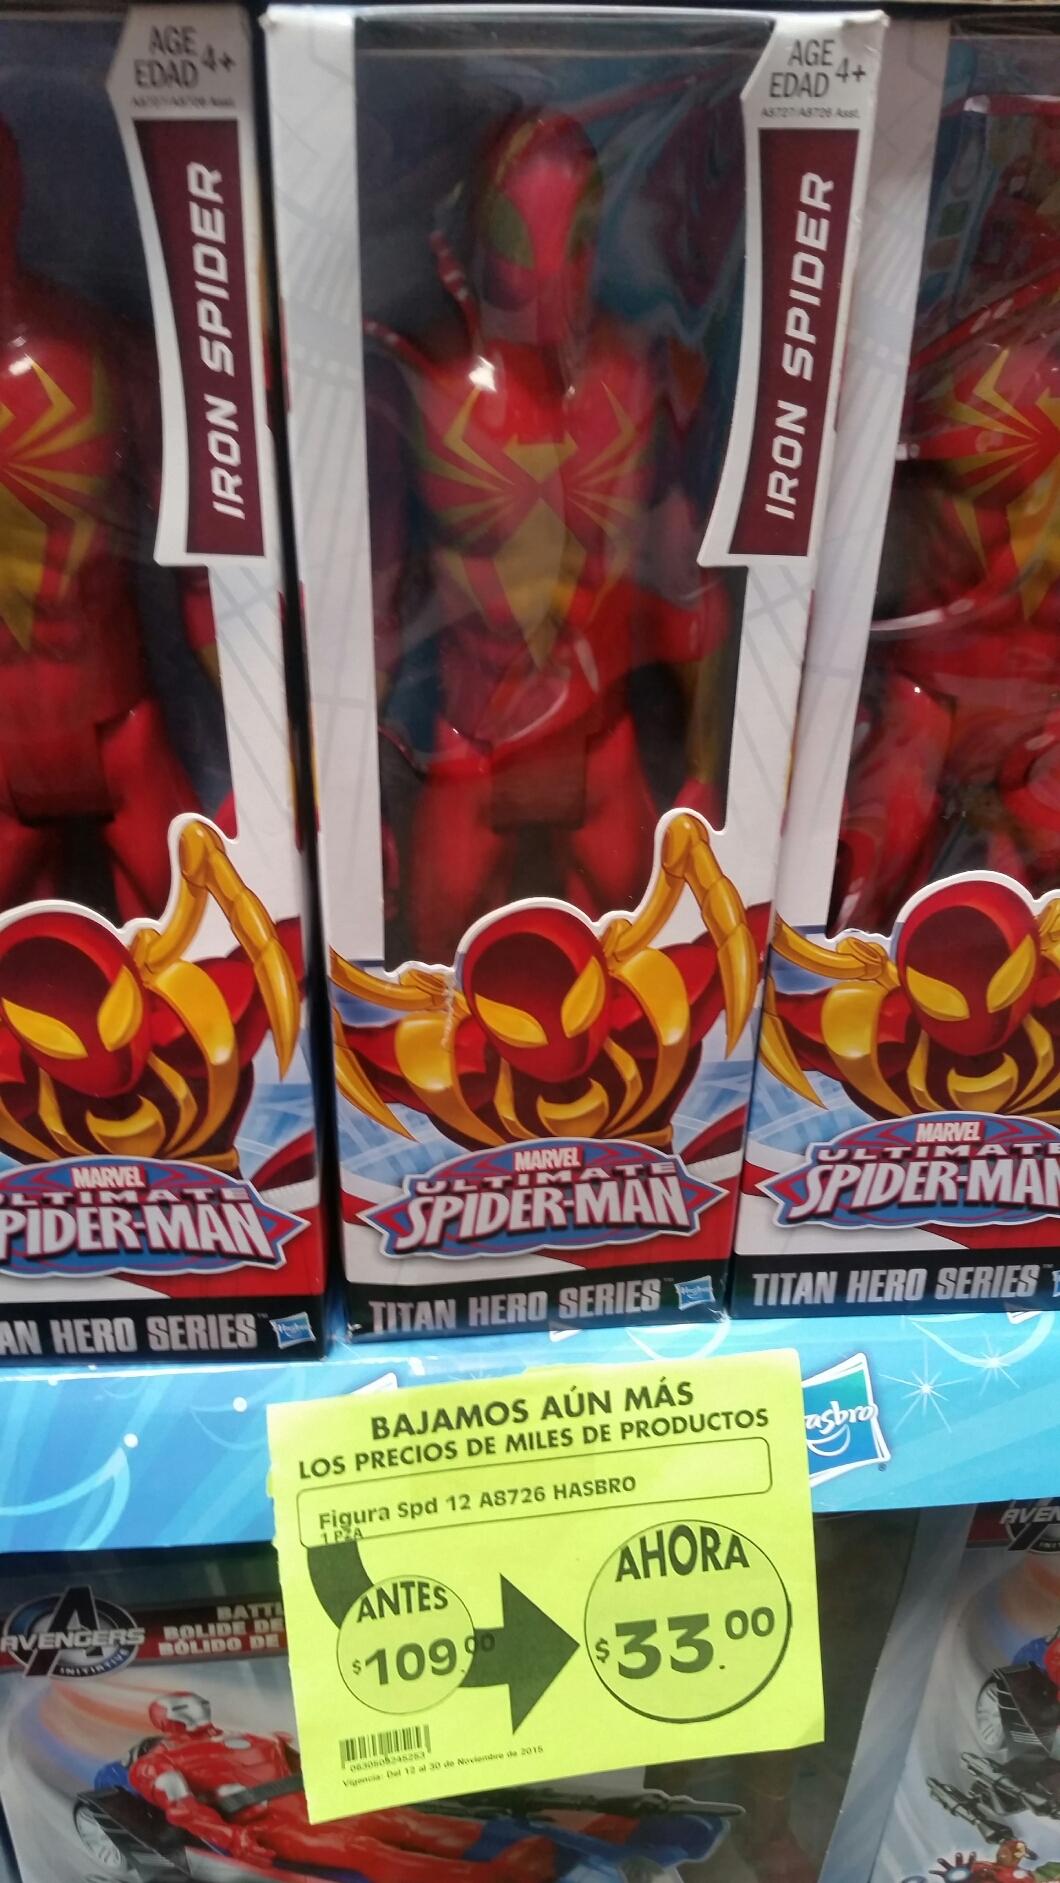 La Comer: spider man $33